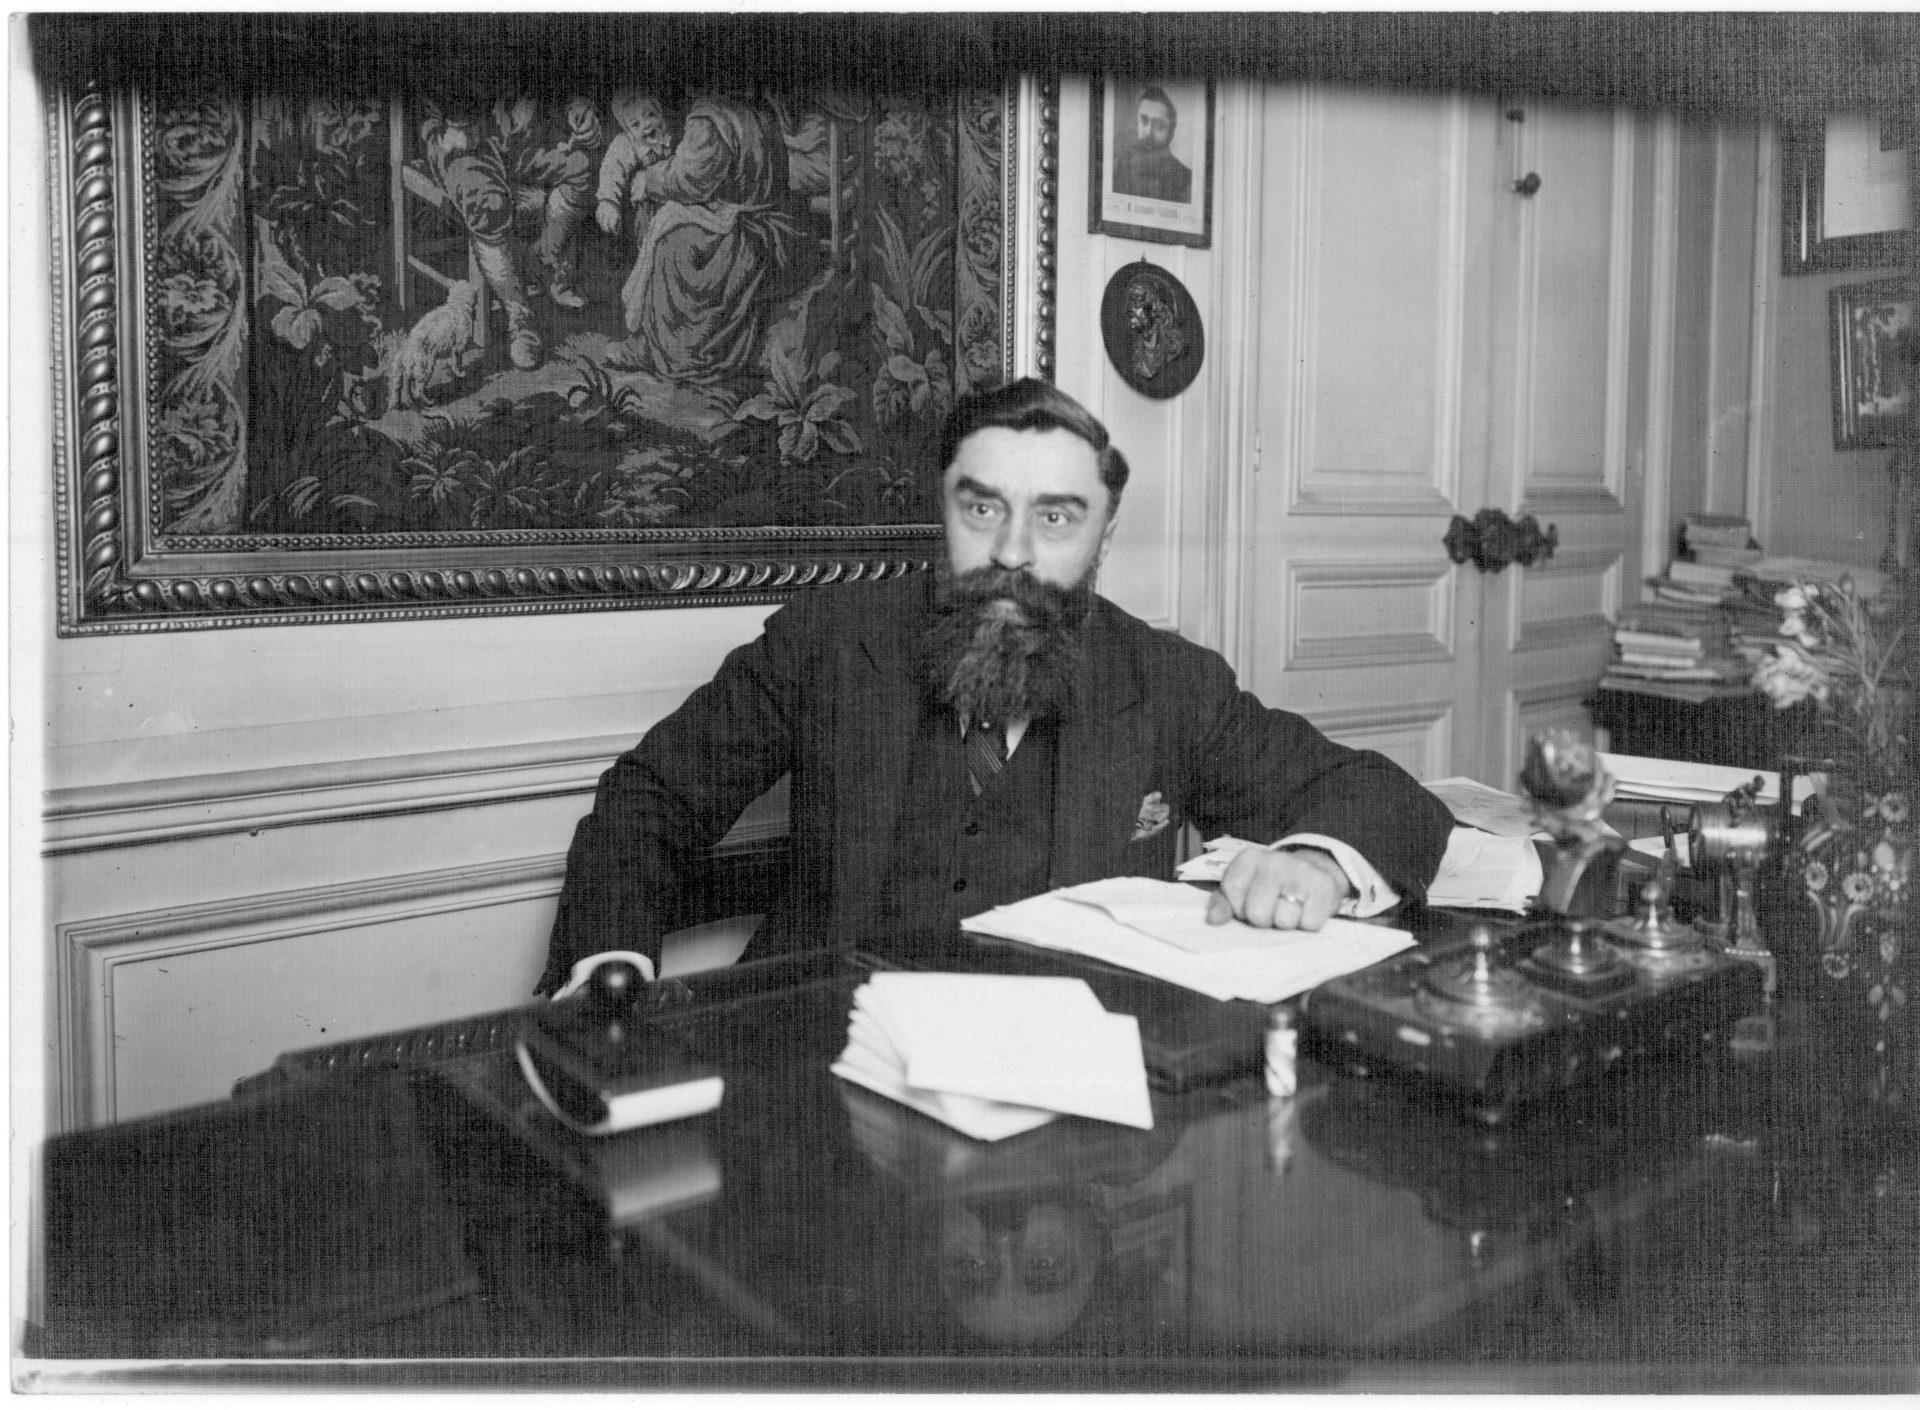 Portrait d'Alexandre Varenne - Décembre 1933 - Cliché Information Illustrée. Crédit: A. Harlingue, Paris